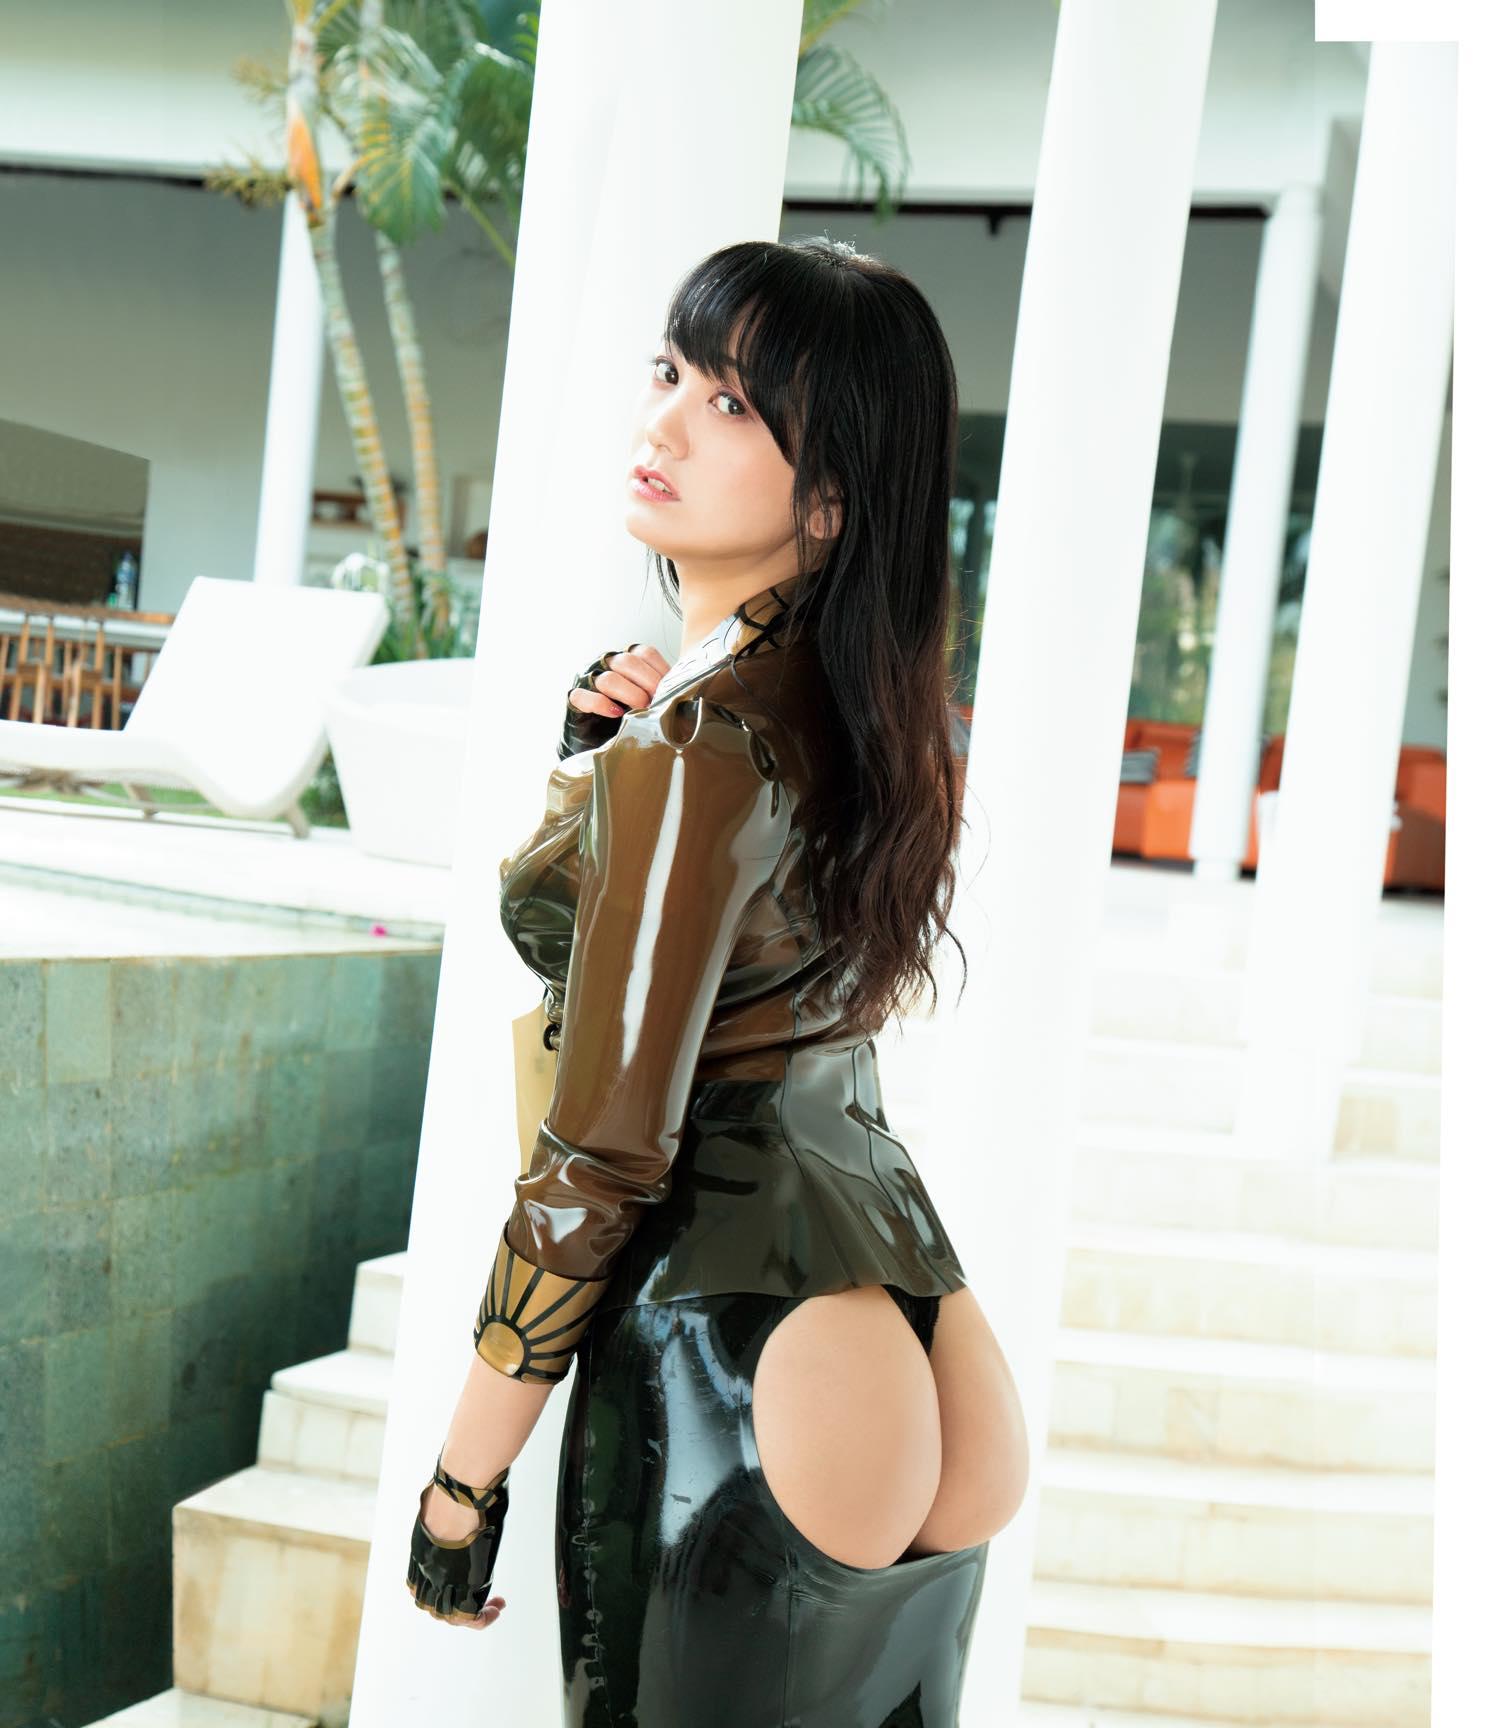 脊山麻理子「ヒップまる出し」衝撃的な衣装で限界に挑戦!【写真9枚】の画像001